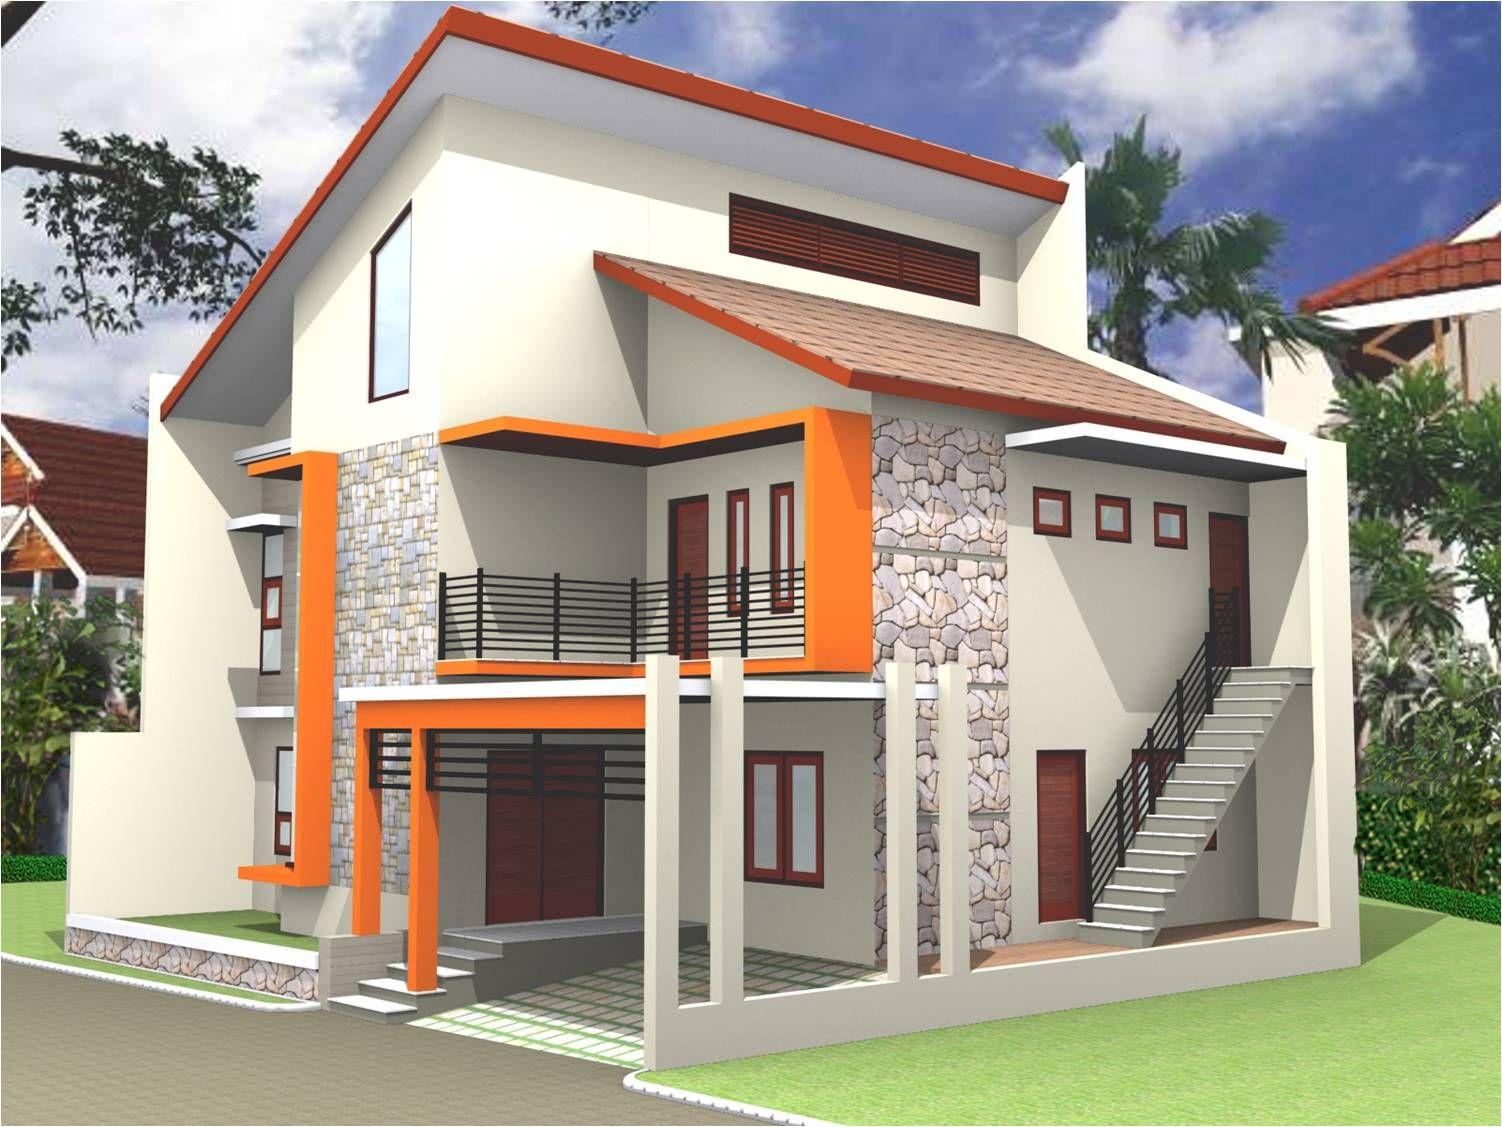 Desain Model Rumah Tingkat Dengan Cat Eksterior Warna Warni & Desain Model Rumah Tingkat Dengan Cat Eksterior Warna Warni ...